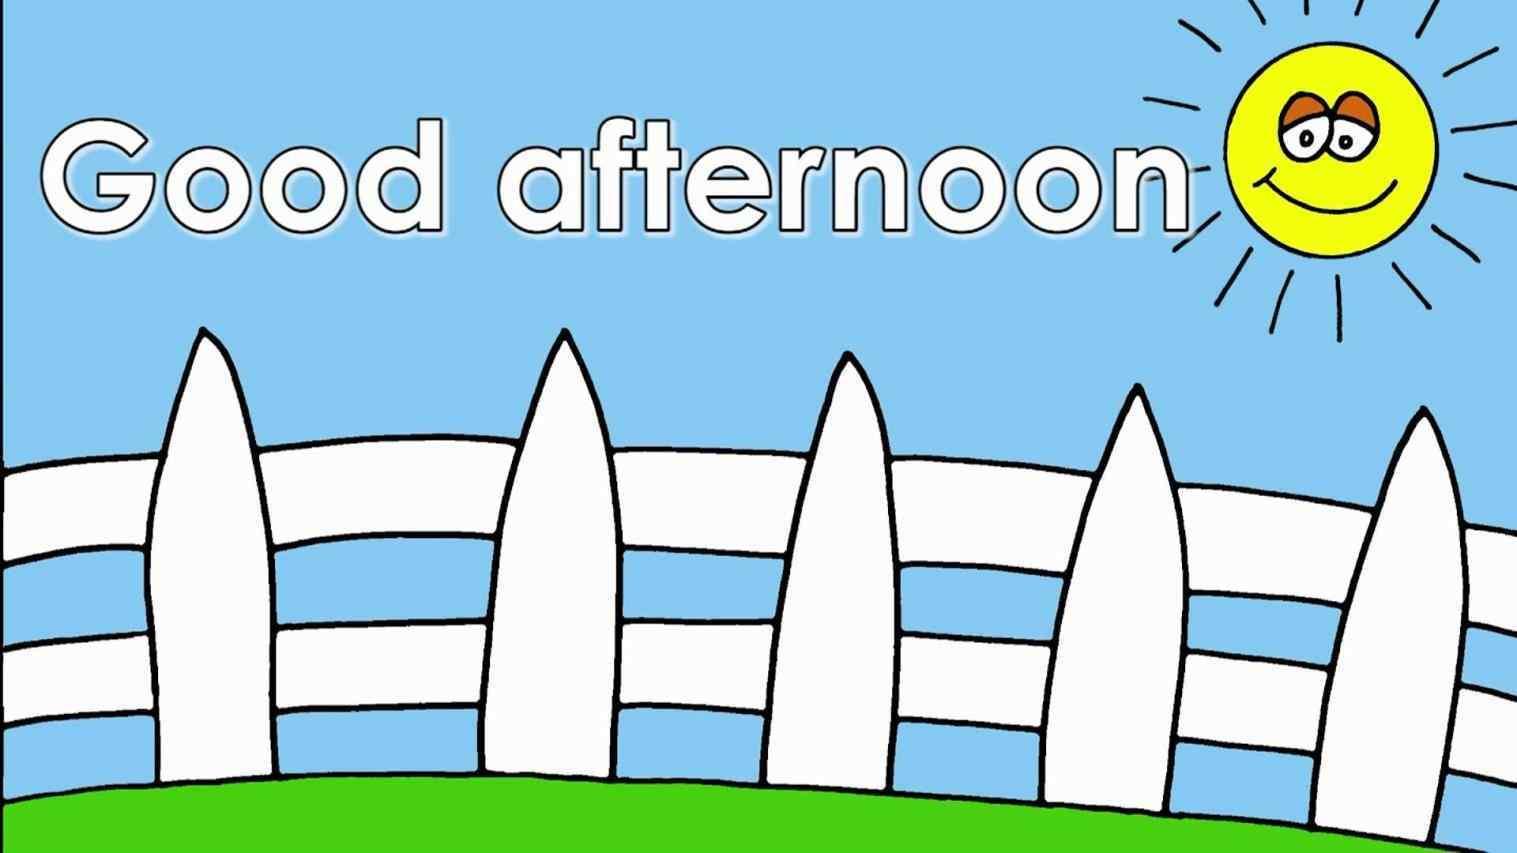 Good good afternoon clipart afternoon clipart stationrhclipartstationcom  free download best rhclipartmagcom good good afternoon clipart afternoon